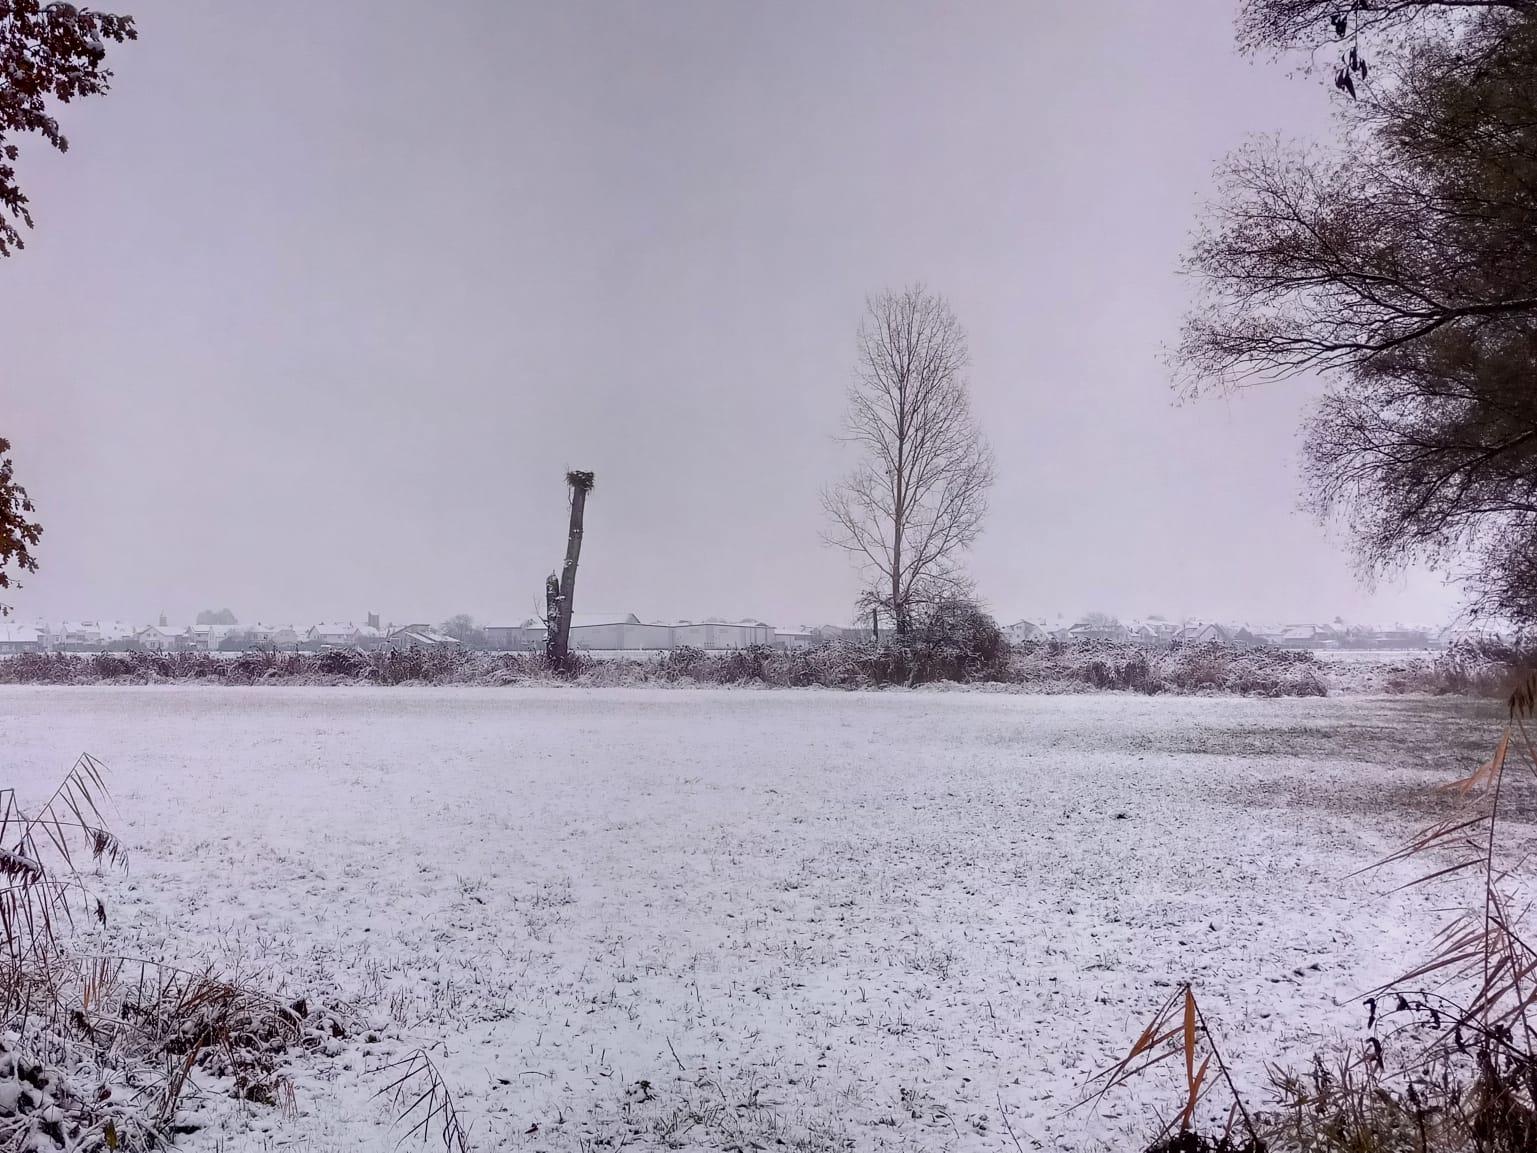 Störche, die man aktuell bei uns sieht, kommen meist aus Nordhessen zum Überwintern